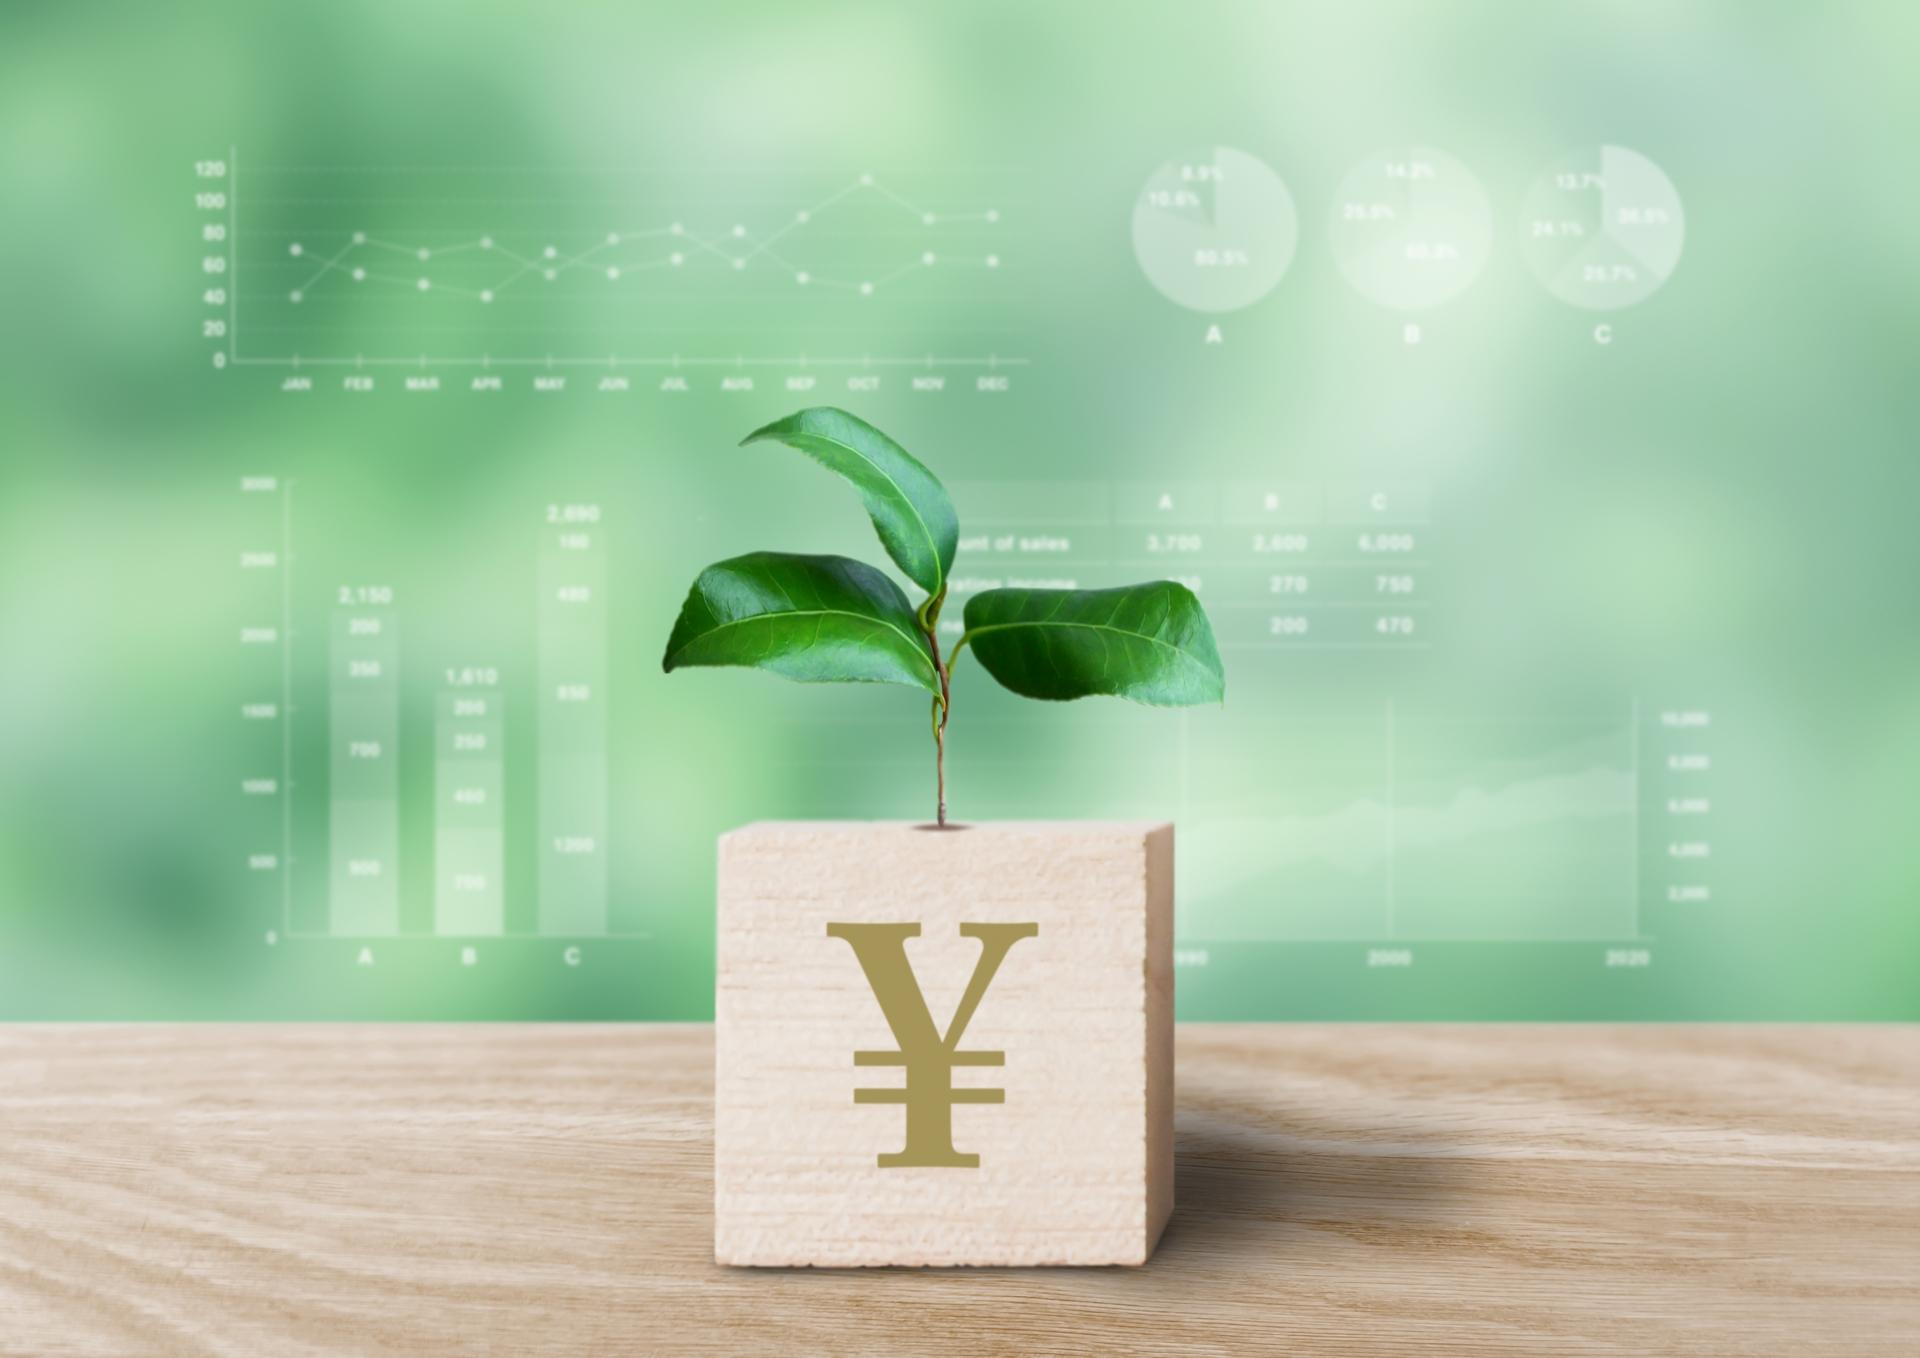 副業にぴったり!短期間でお金を増やす投資方法の早見表